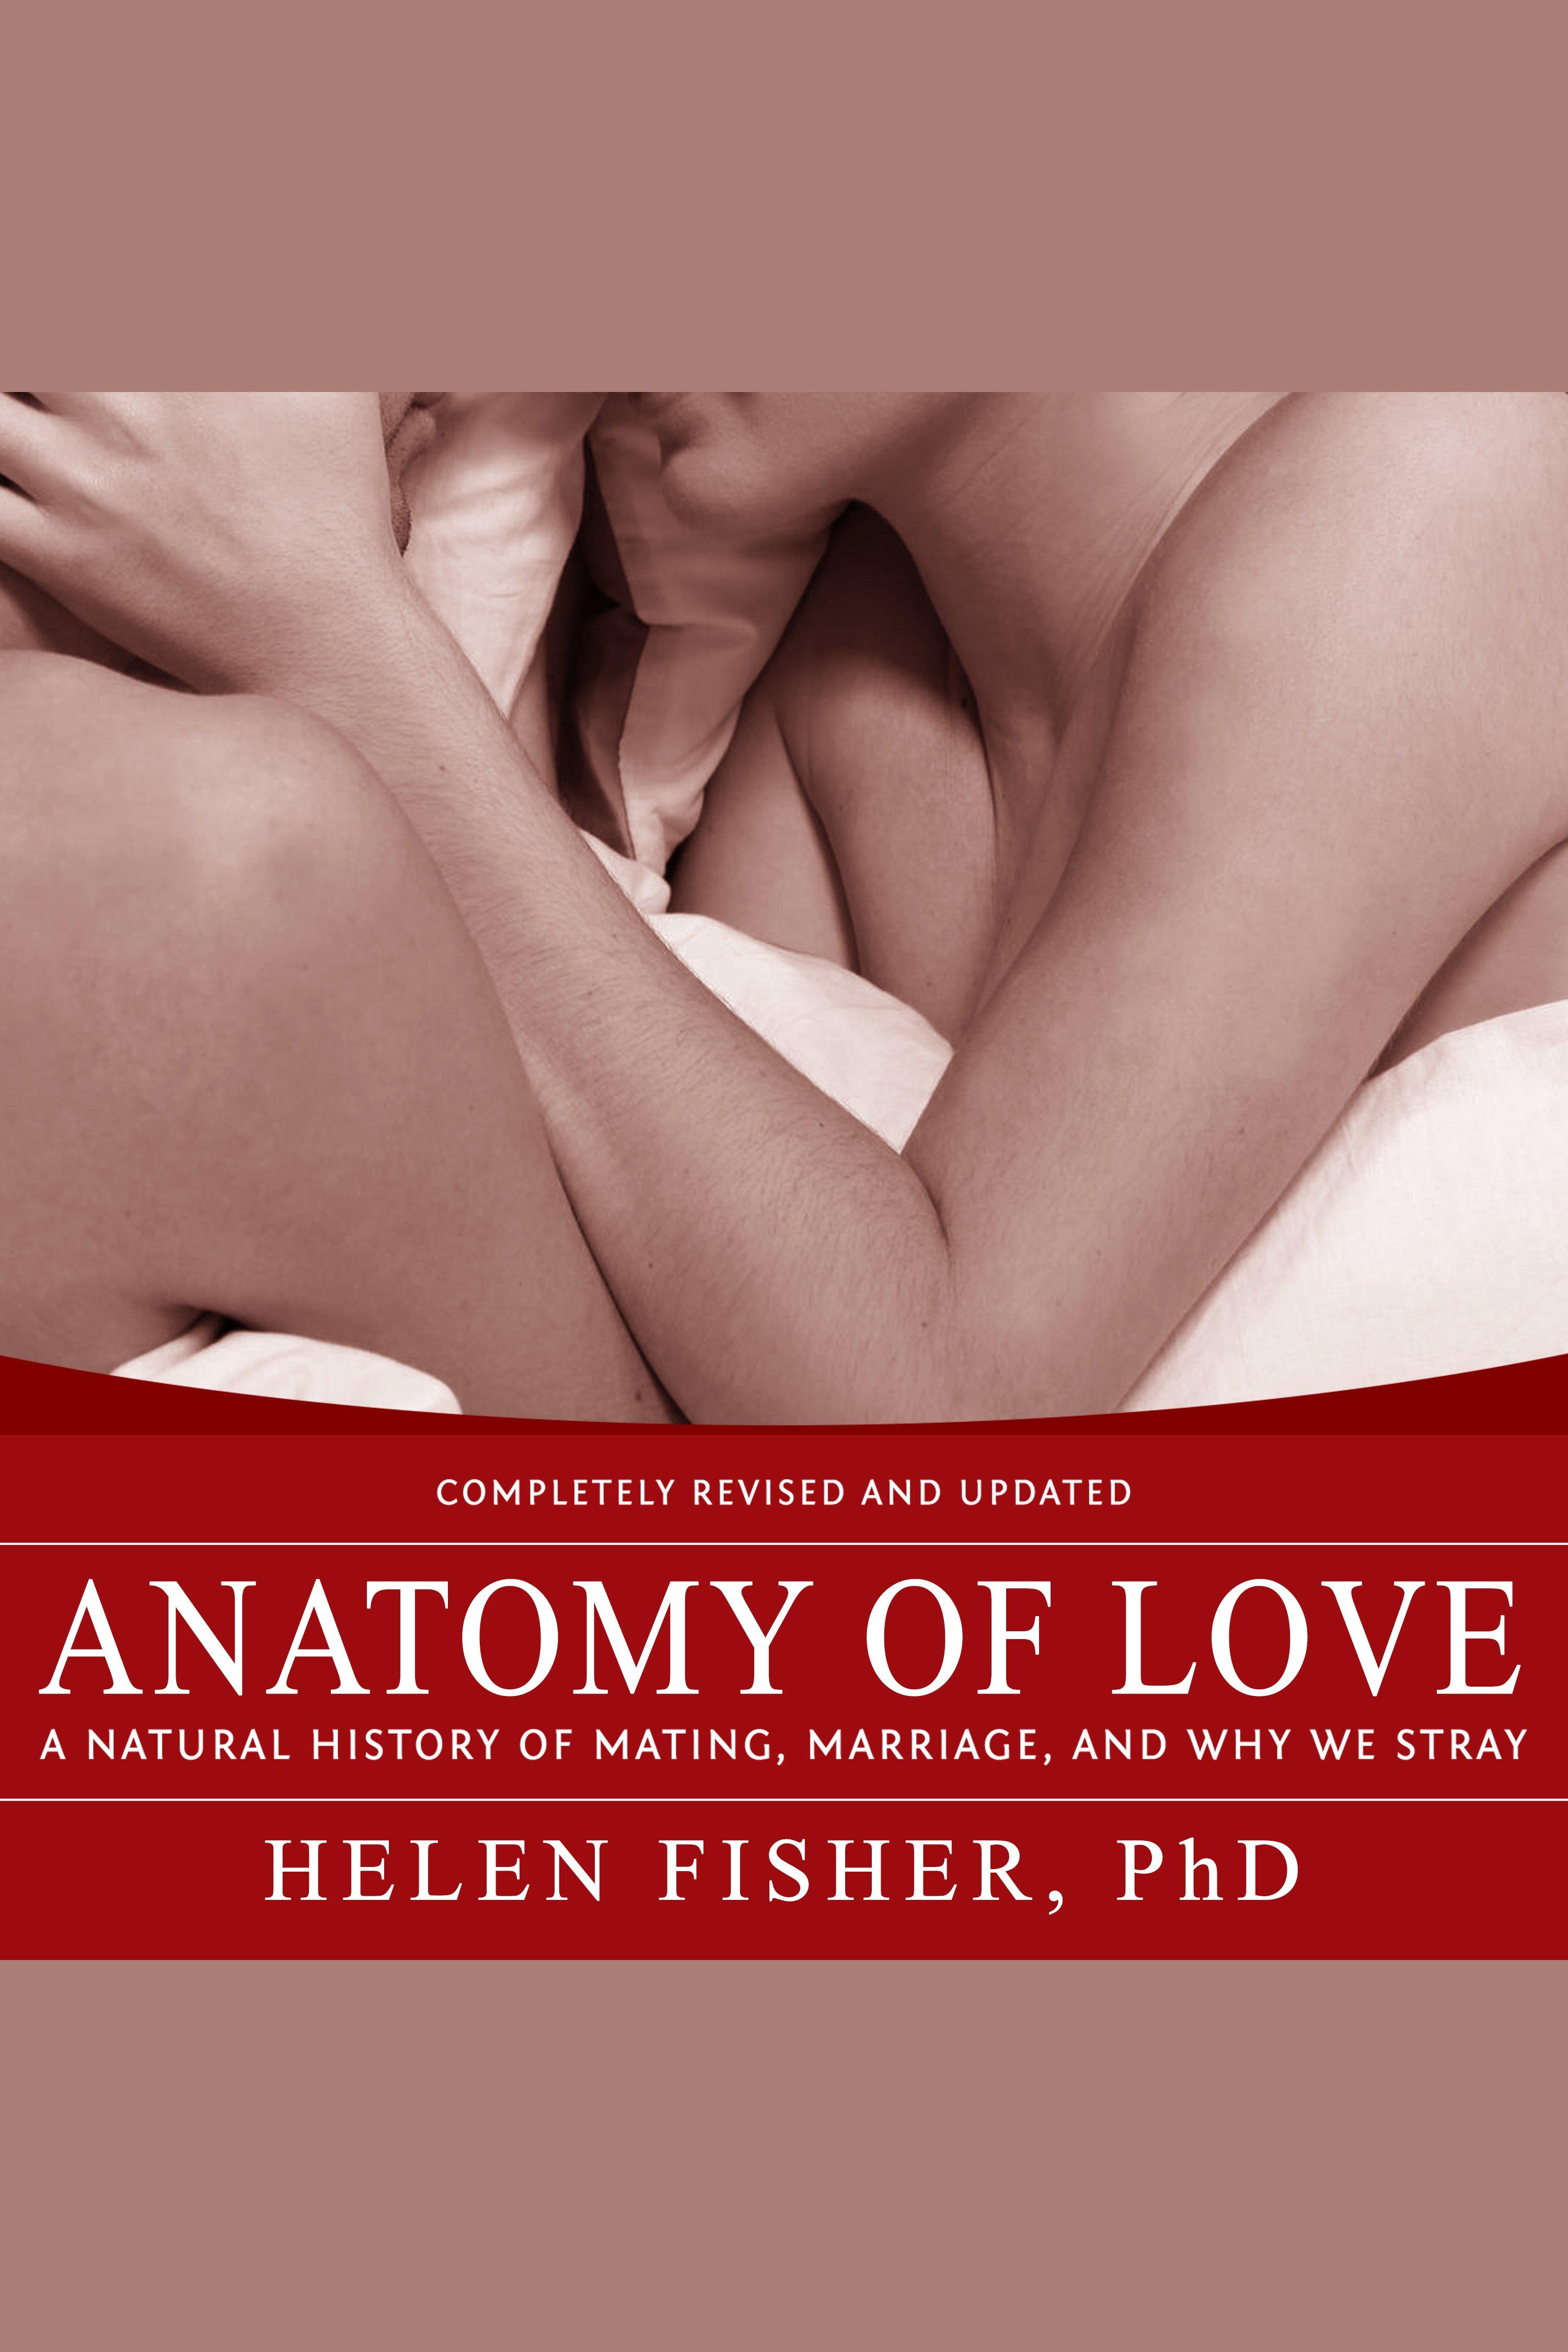 Esta es la portada del audiolibro Anatomy of Love